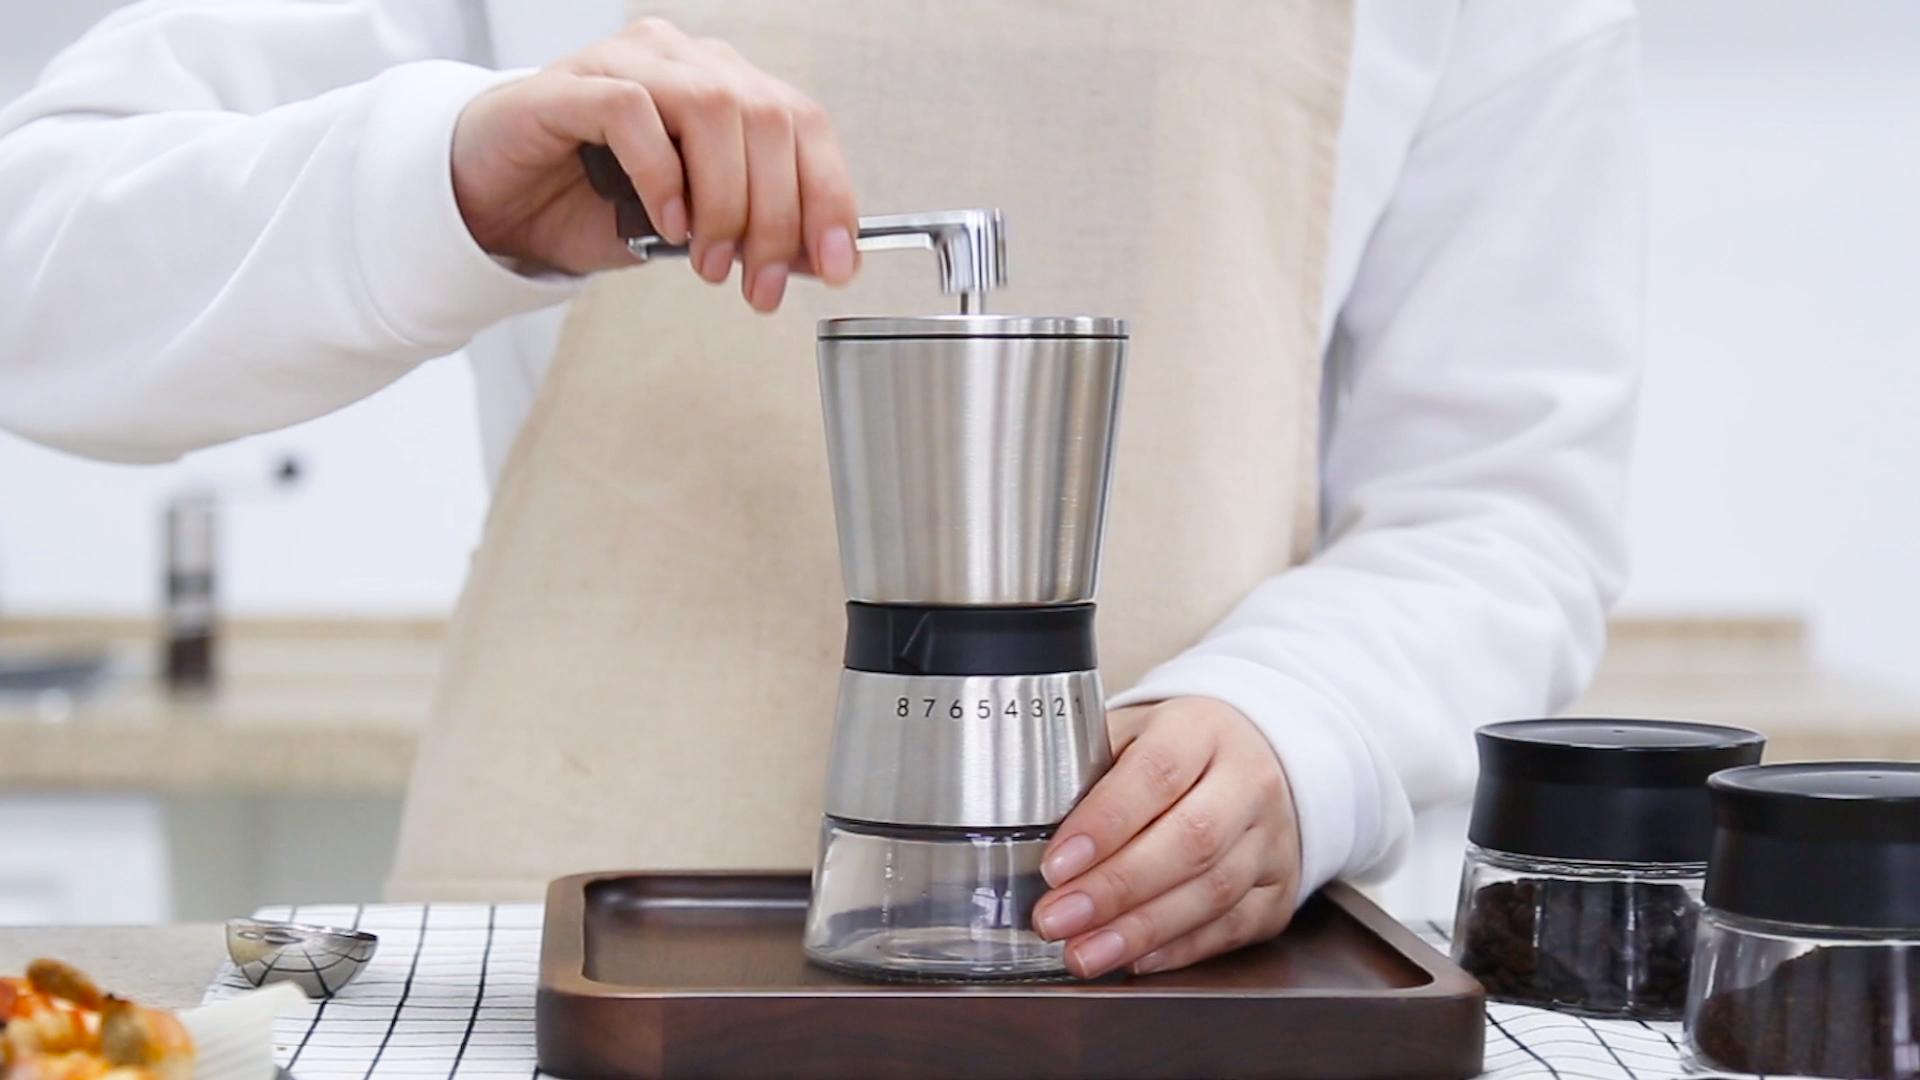 China latesed modell griff manuelle coffee bean grinder fall mit 2 behälter tragen outdoor konische grat mühlen harte bean